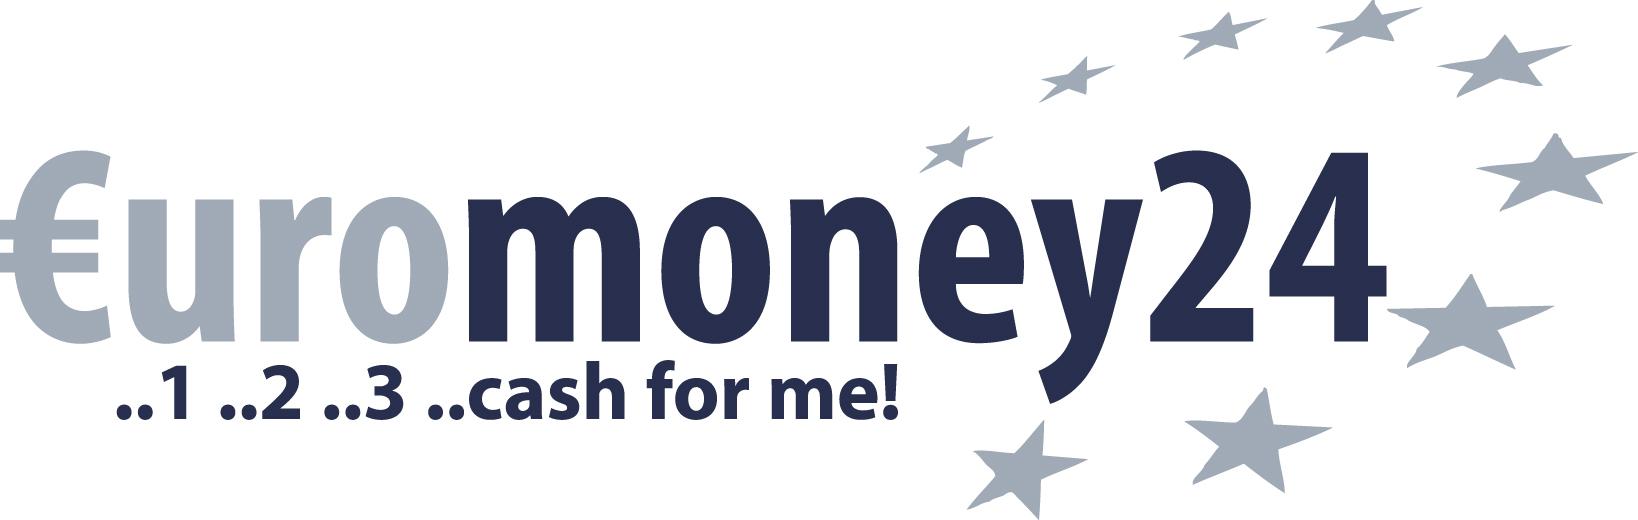 Euromoney24